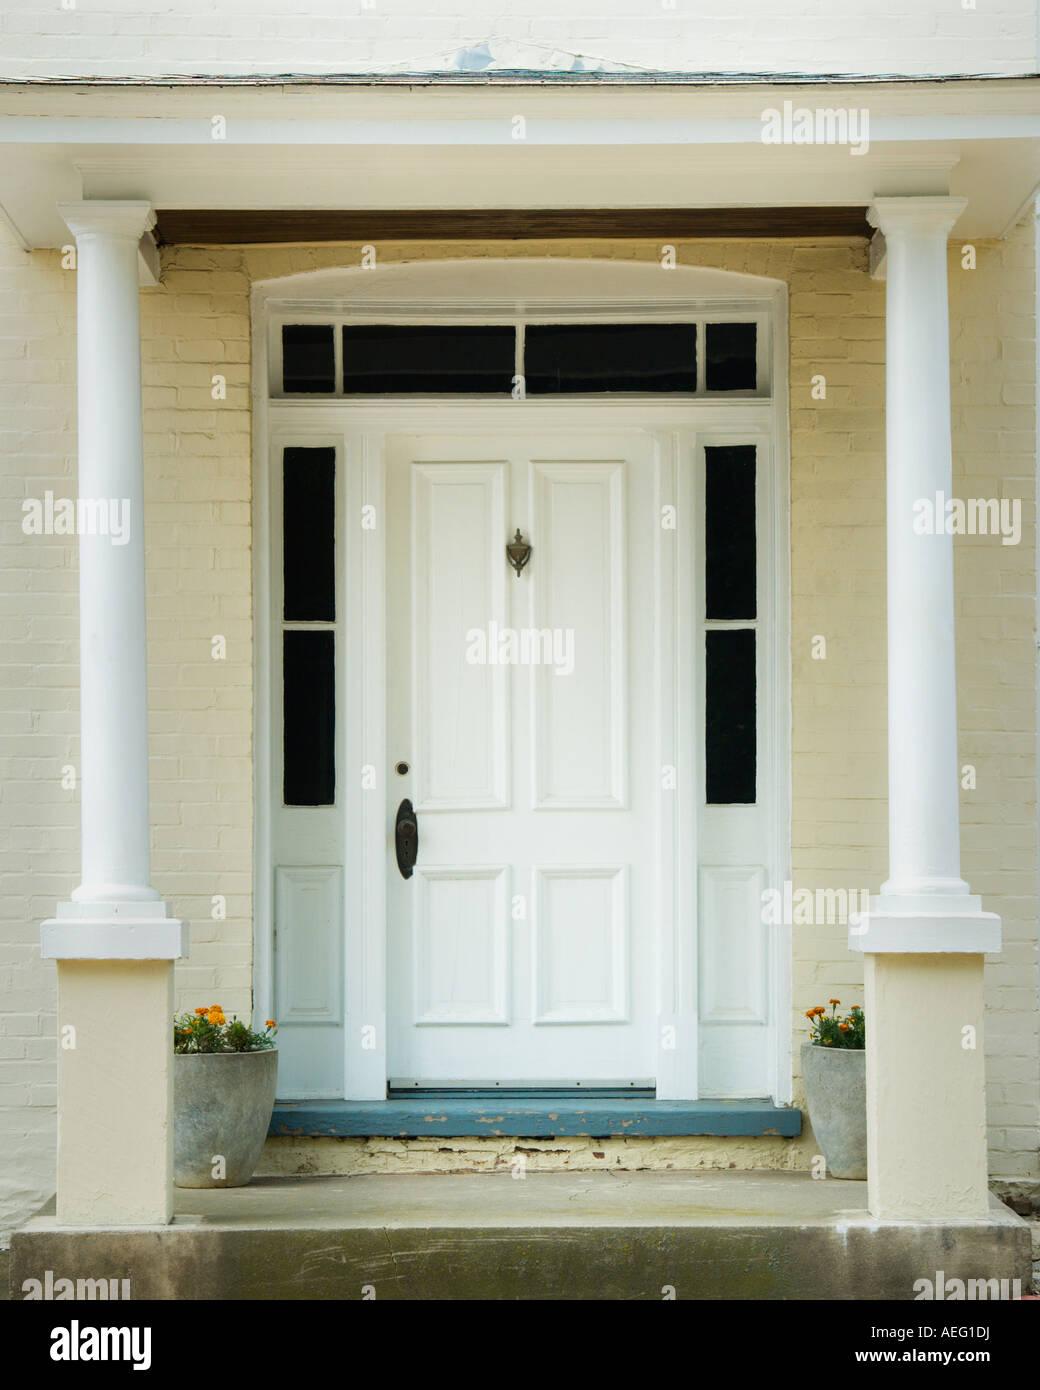 Chippy White Door Knocker |White Door Knocker